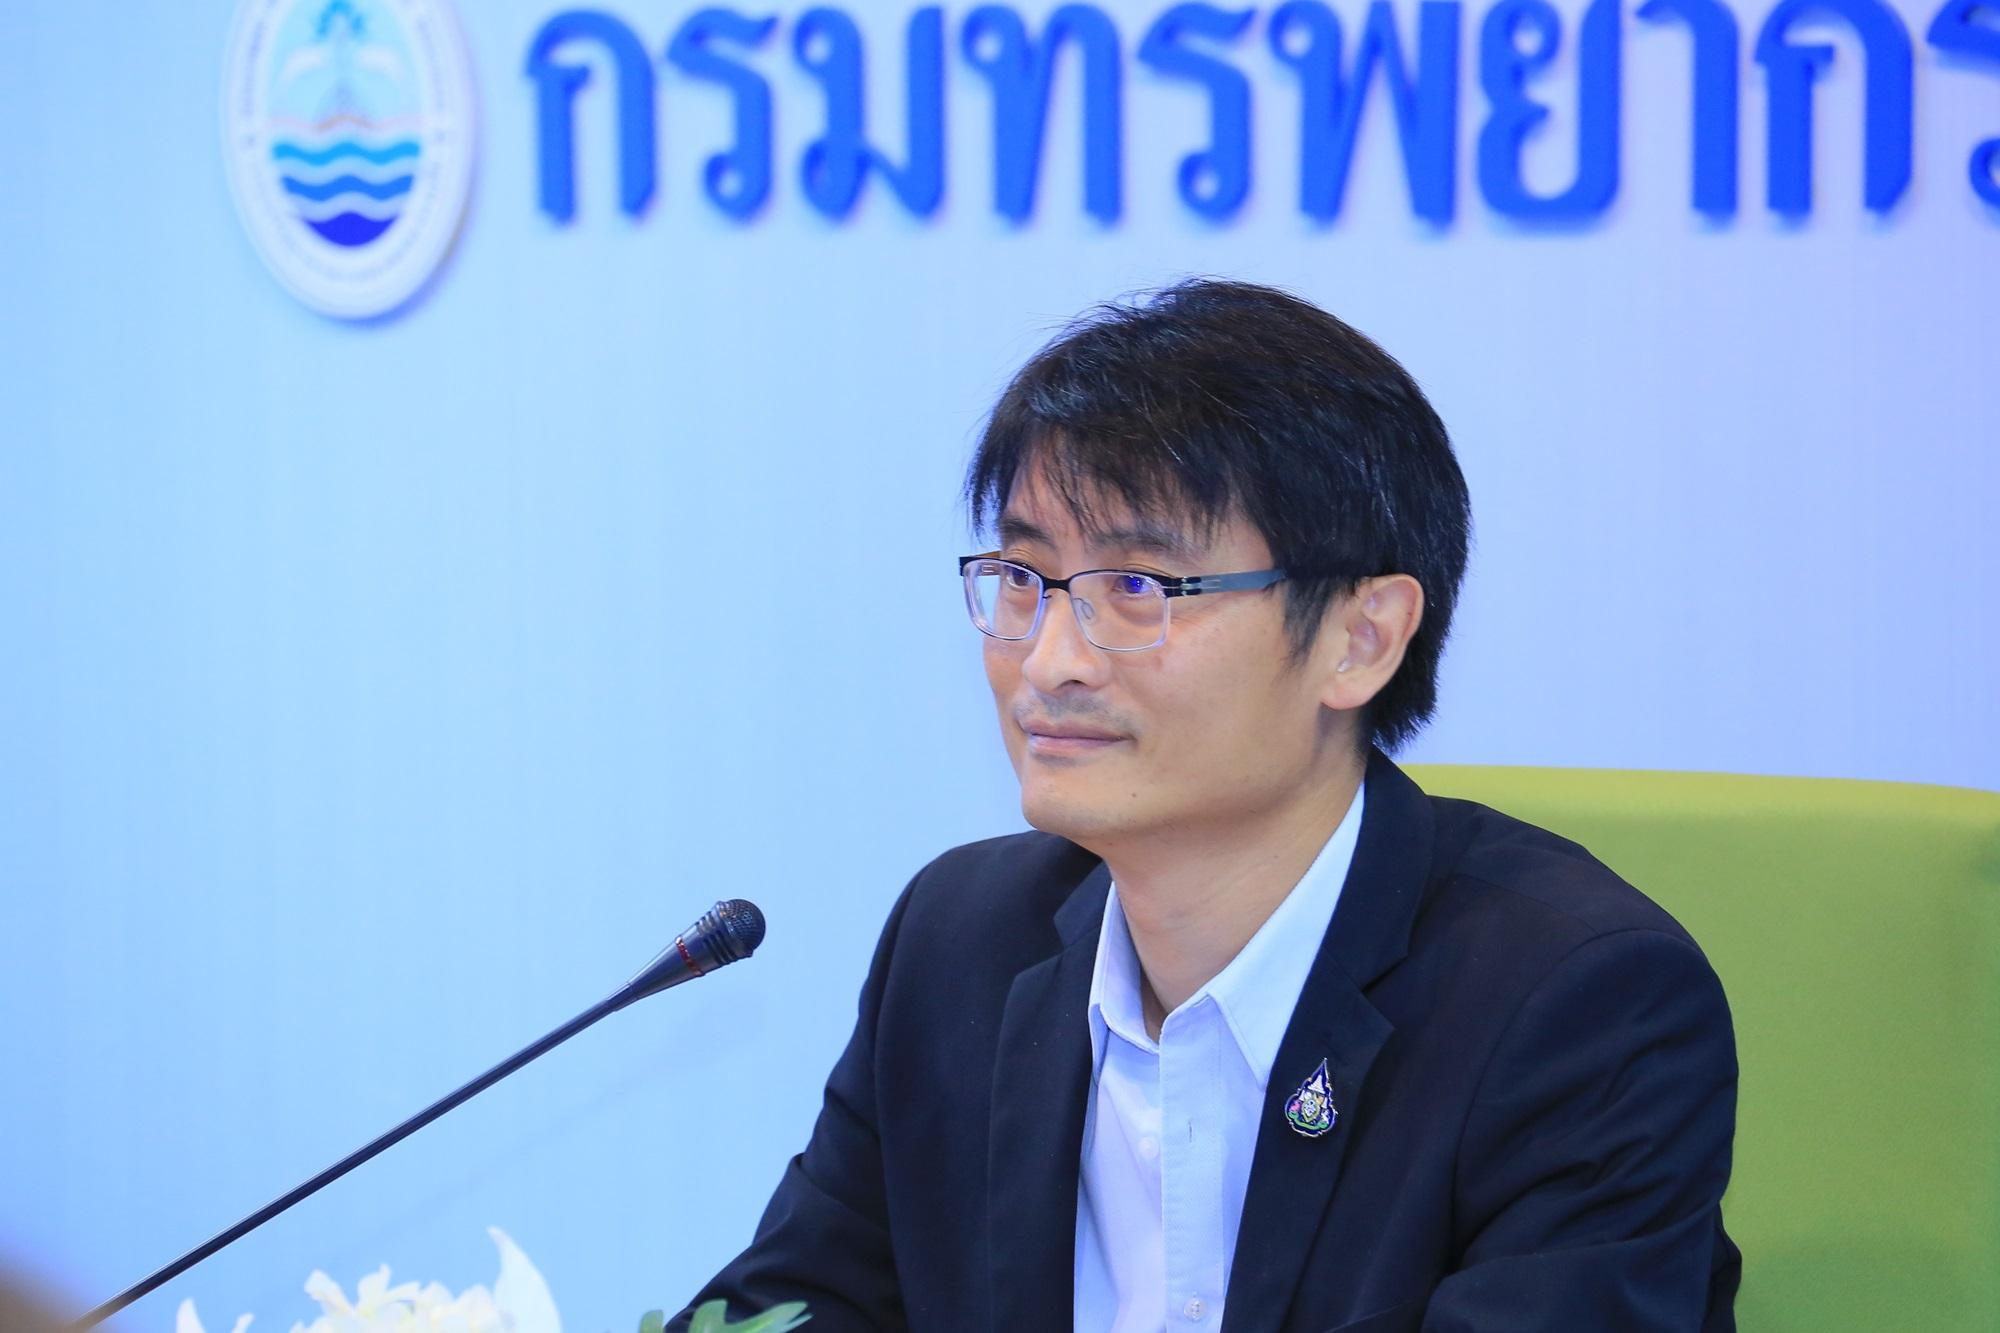 ทช. จัดประชุมหารือแนวทางการป้องกันและแก้ไขปัญหาการกัดเซาะชายฝั่งทะเล 23 จังหวัด